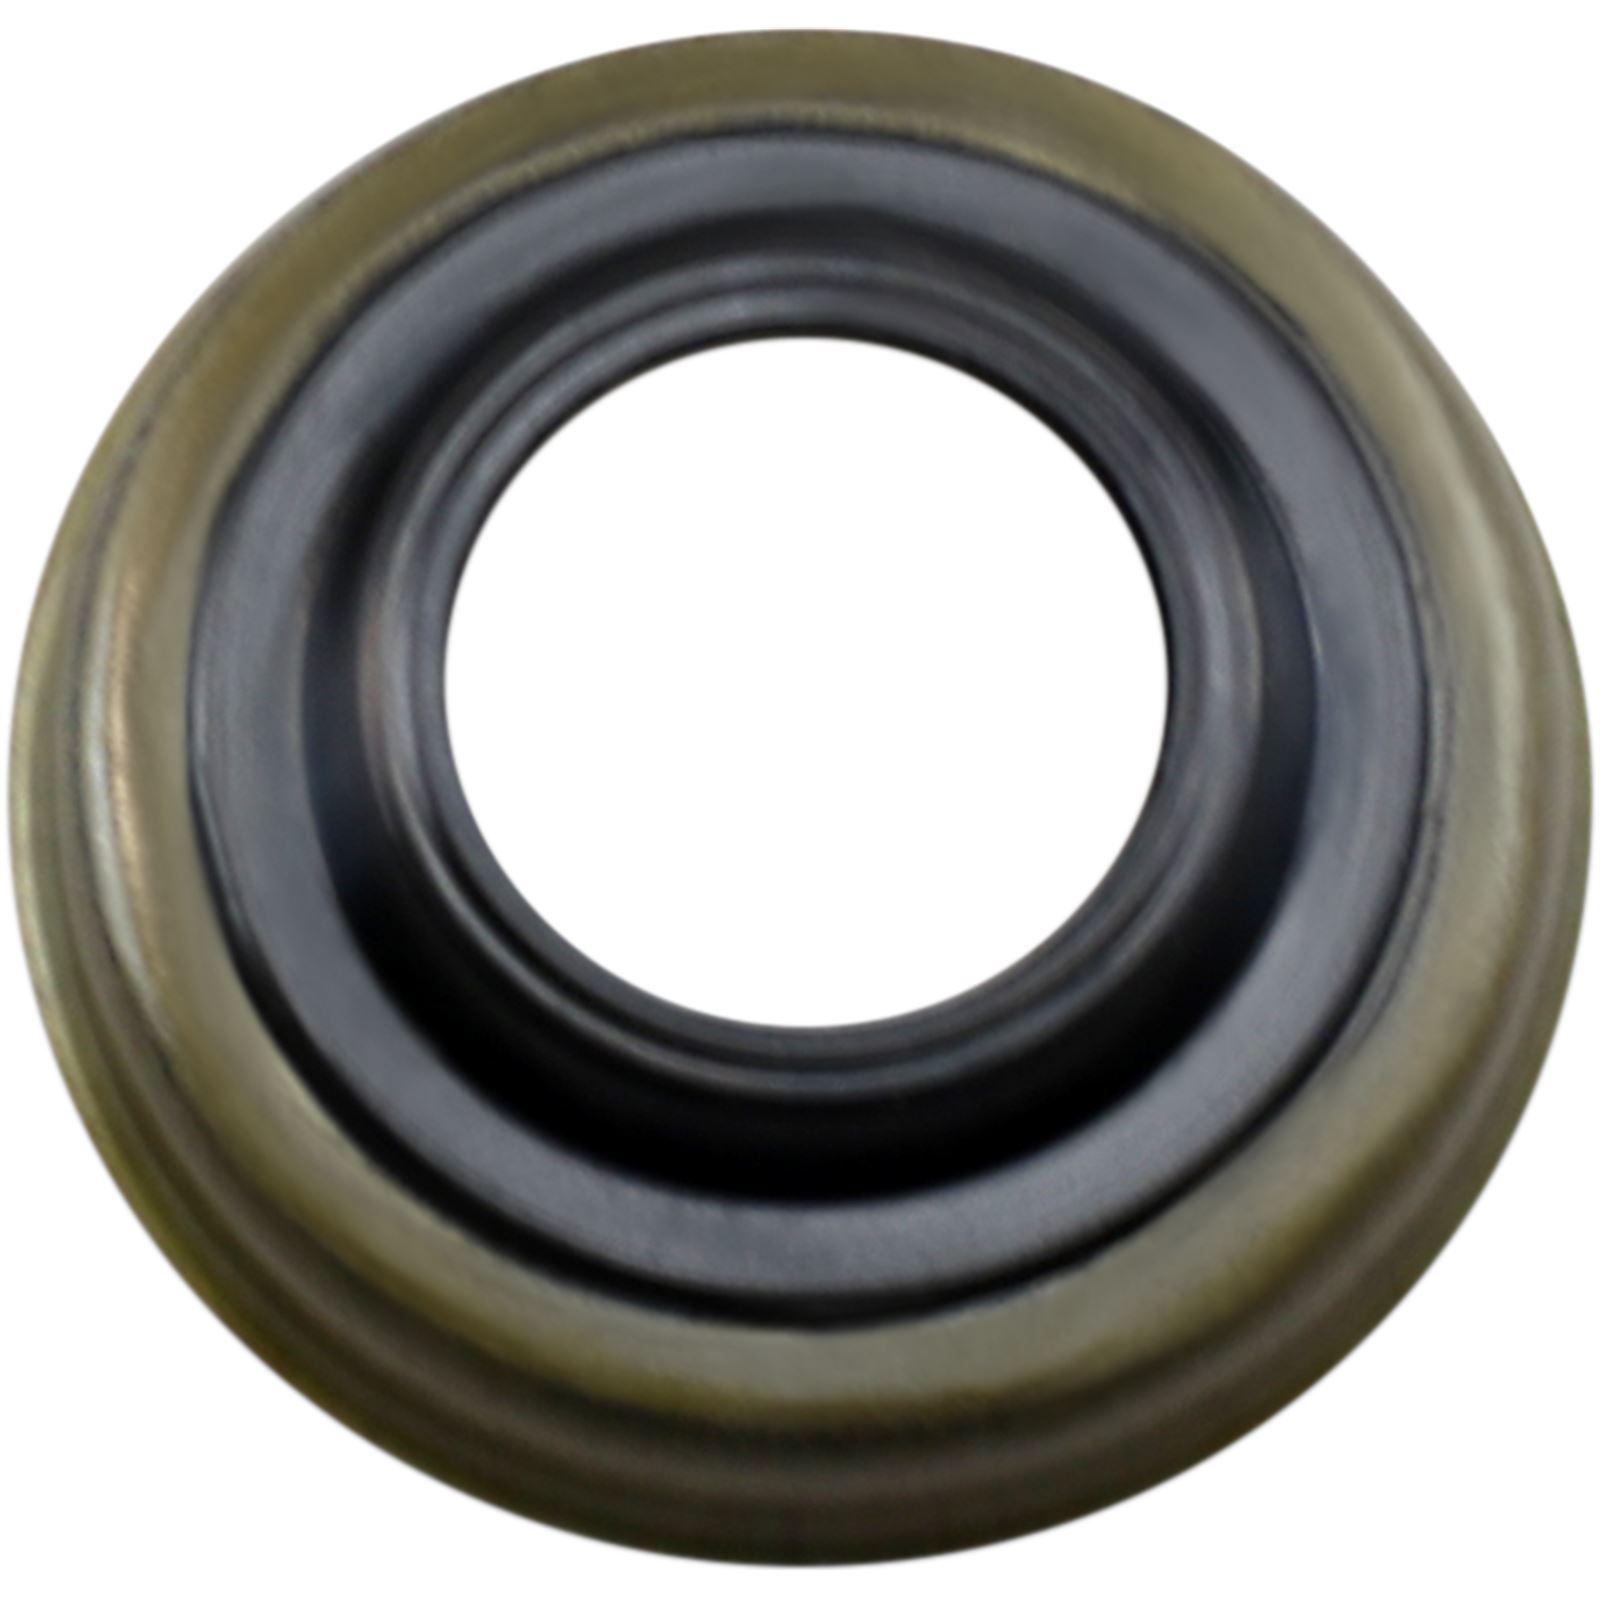 Race Tech Shock Dust Seal - 16 mm x 28 mm - KYB